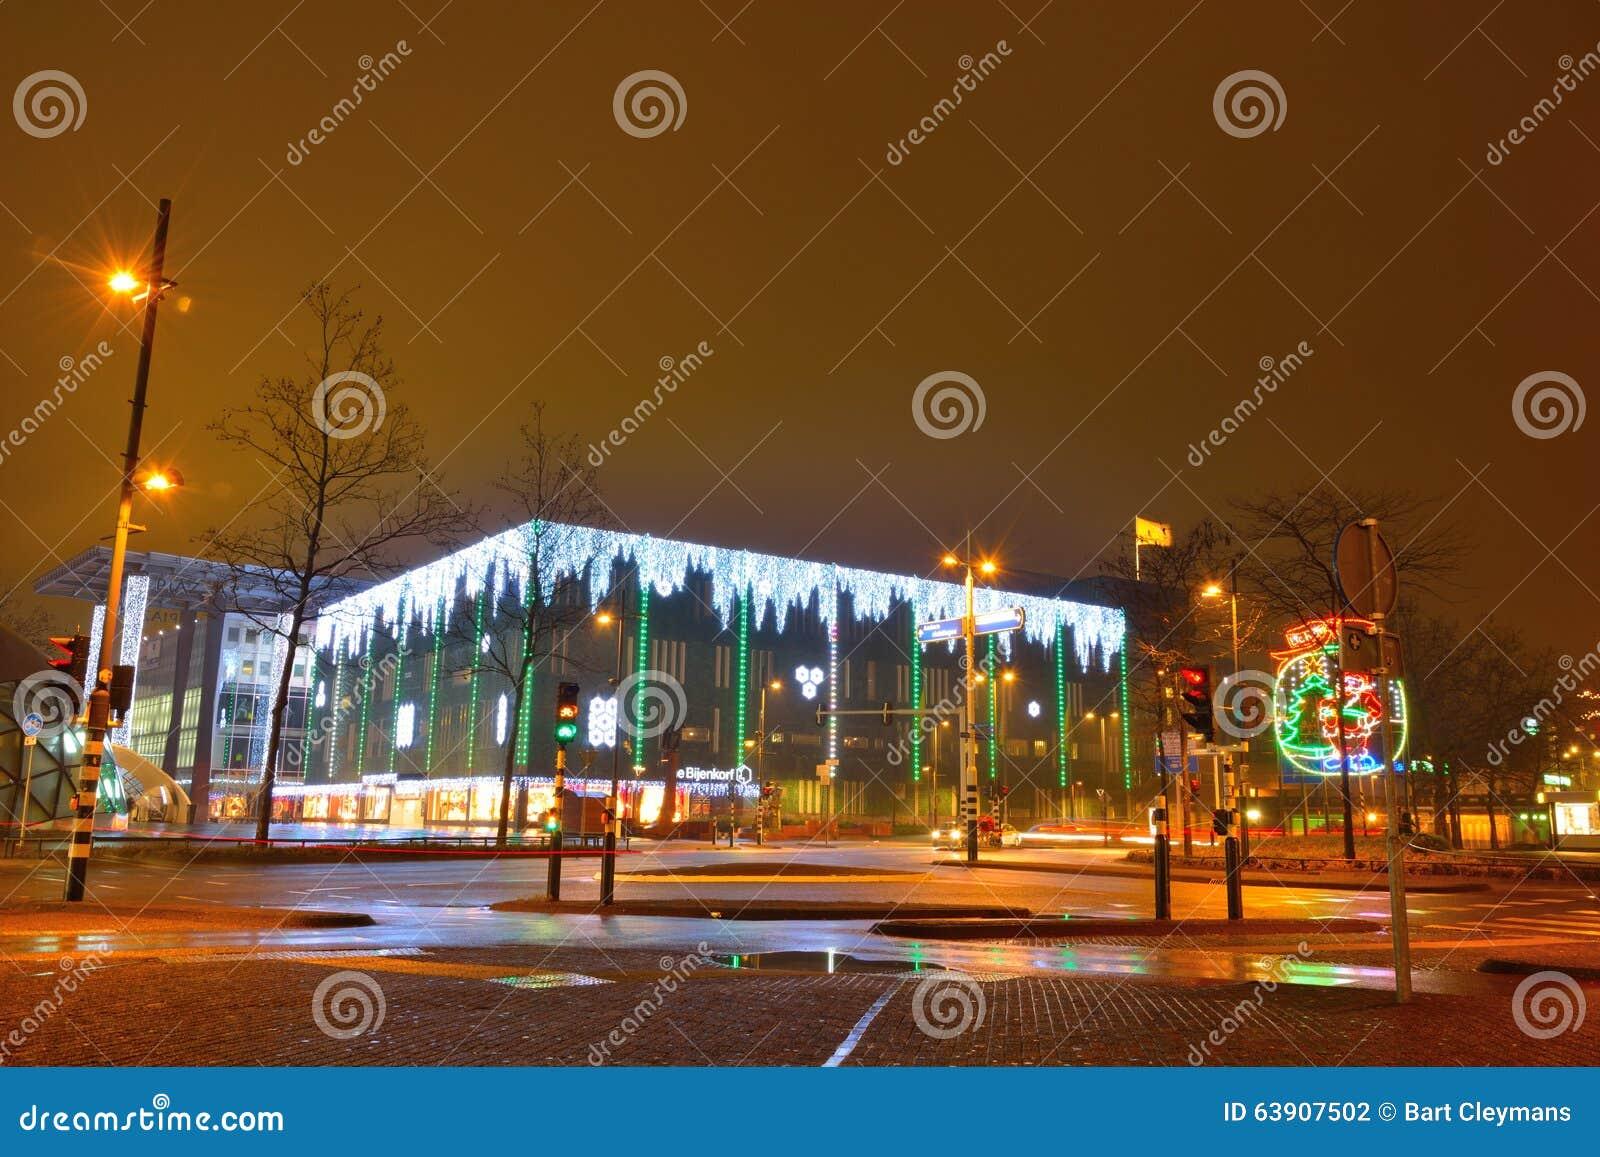 edificio futurista con las luces de la navidad asombrosas